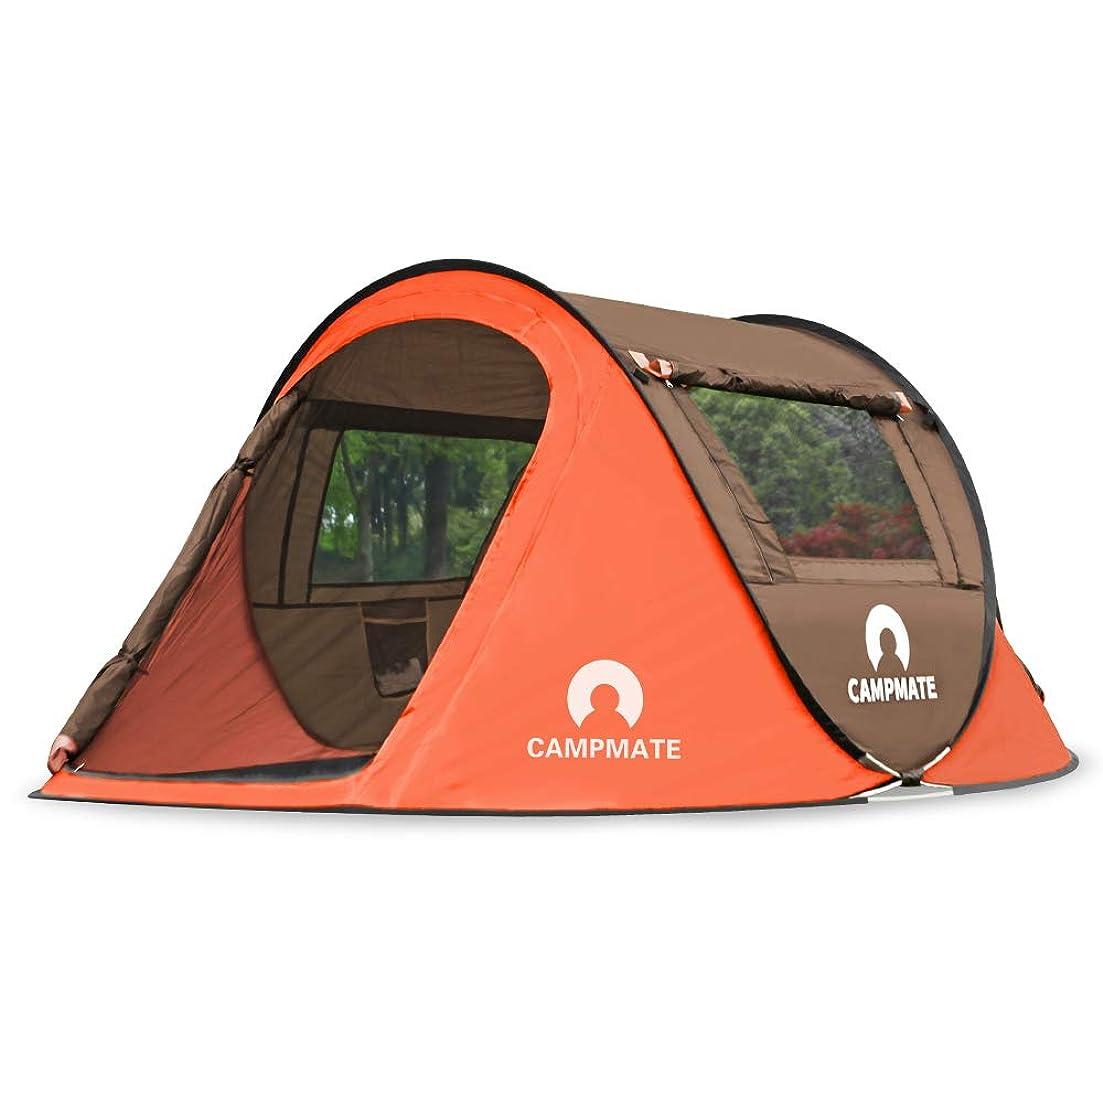 同盟物理的なセンチメートルSESAME STAR キャンプ用品 テント ワンタッチテント ポップアップテント 2-3人用 簡単設営 海 花見 運動会 登山用 アウトドア用品